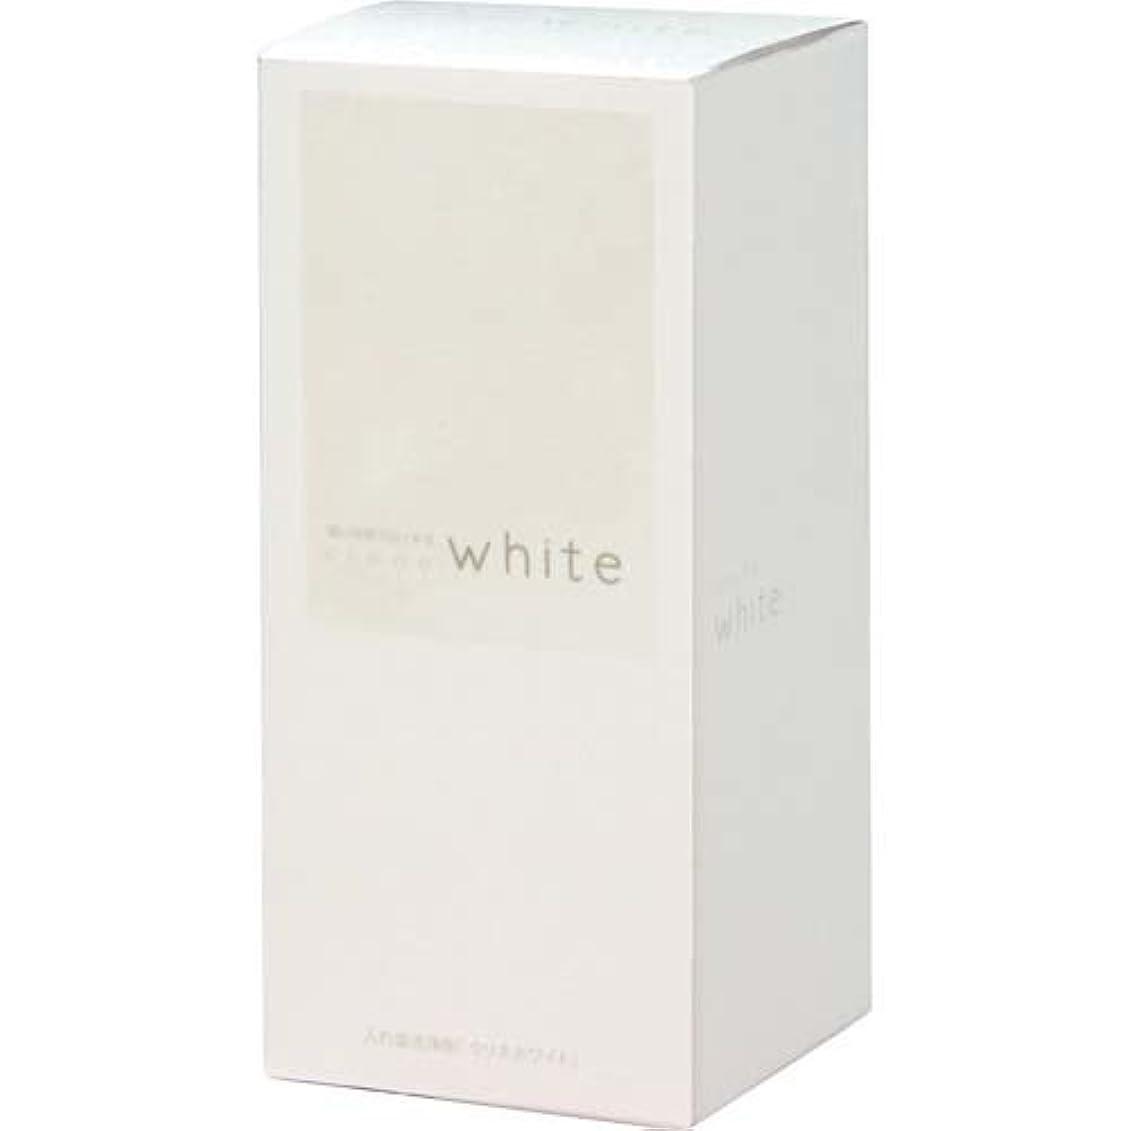 ストレージ申請中実施する短い時間で白くする 強力入れ歯洗浄剤 クリネホワイト